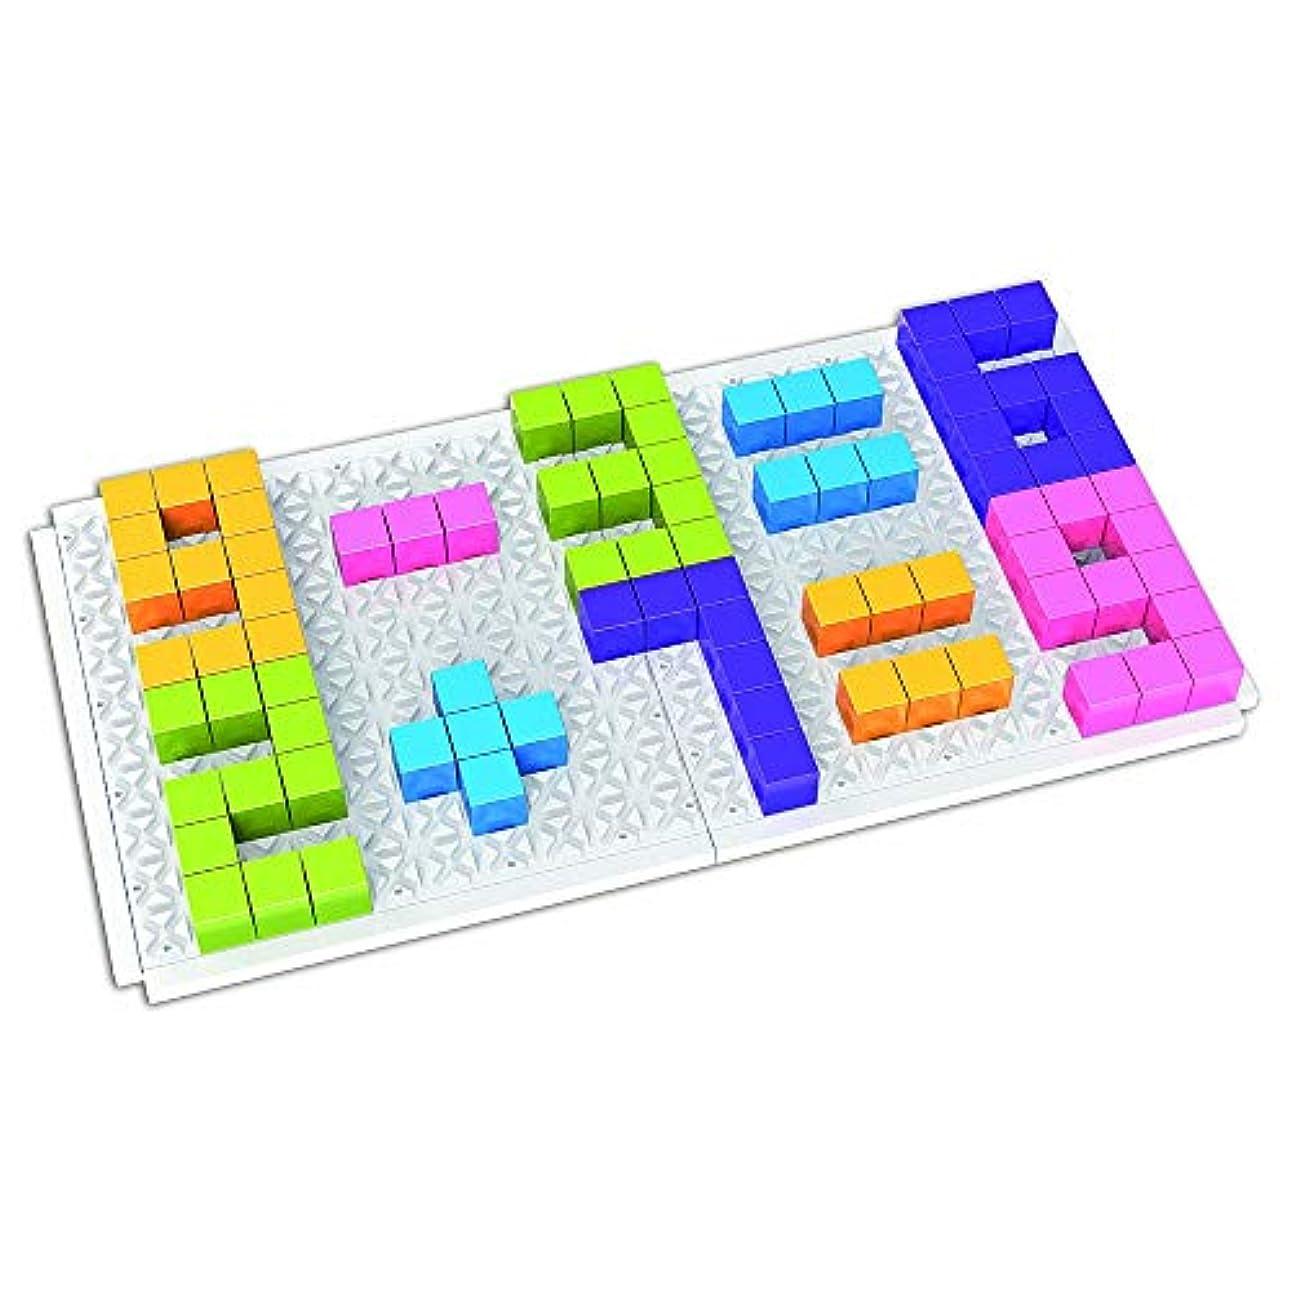 散文苦しむ混雑Chenwang レター番号構築ブロックキッズ幼児用玩具セット幼児教育玩具 (Color : Blocks)